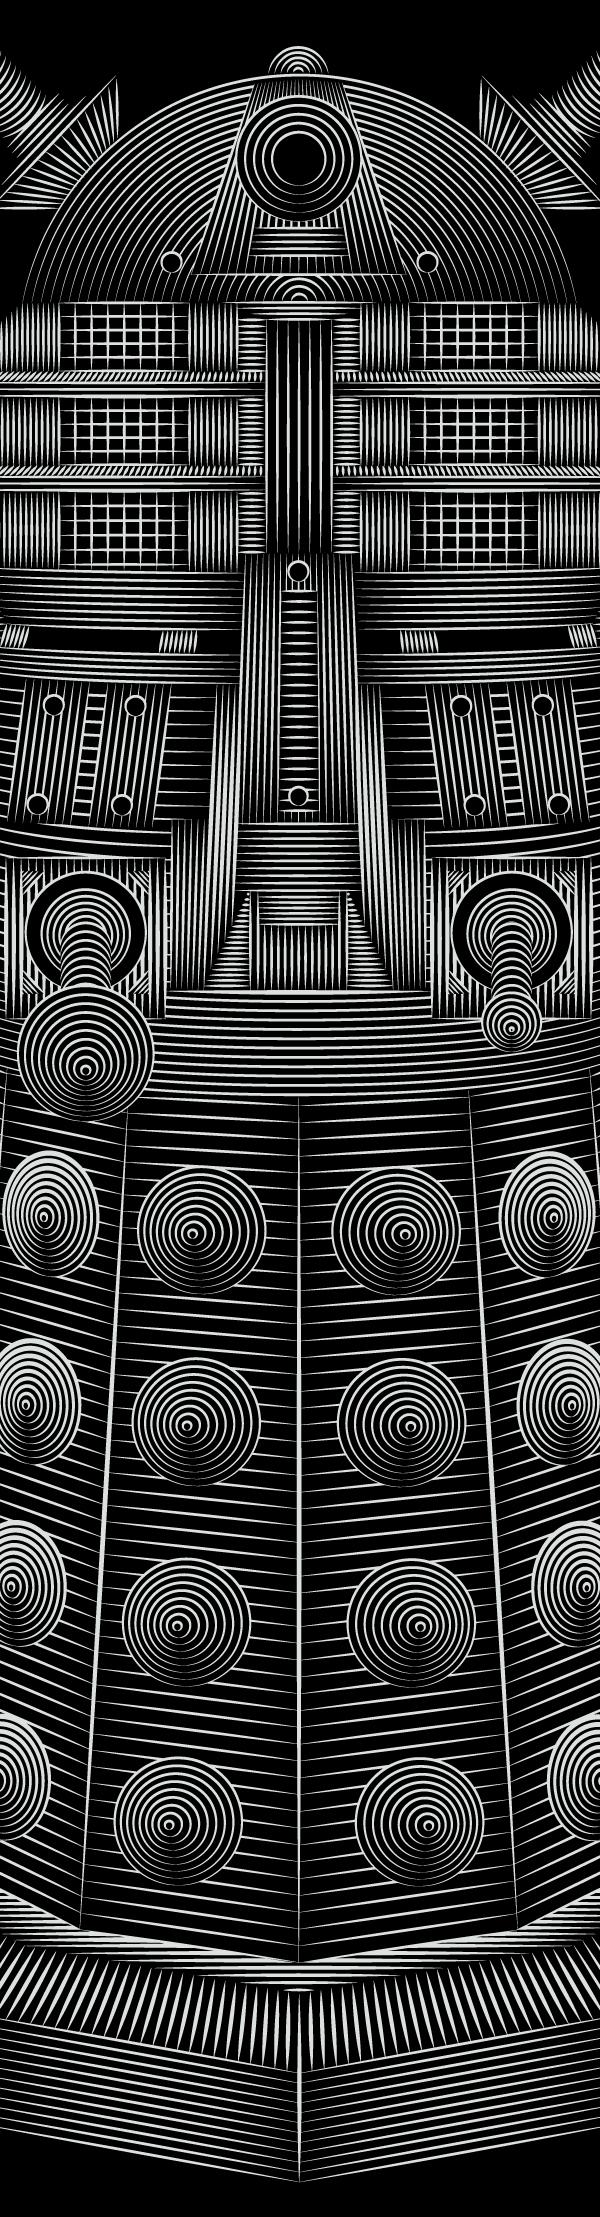 Doctor Who - Dalek (detail) by Patrick Seymour